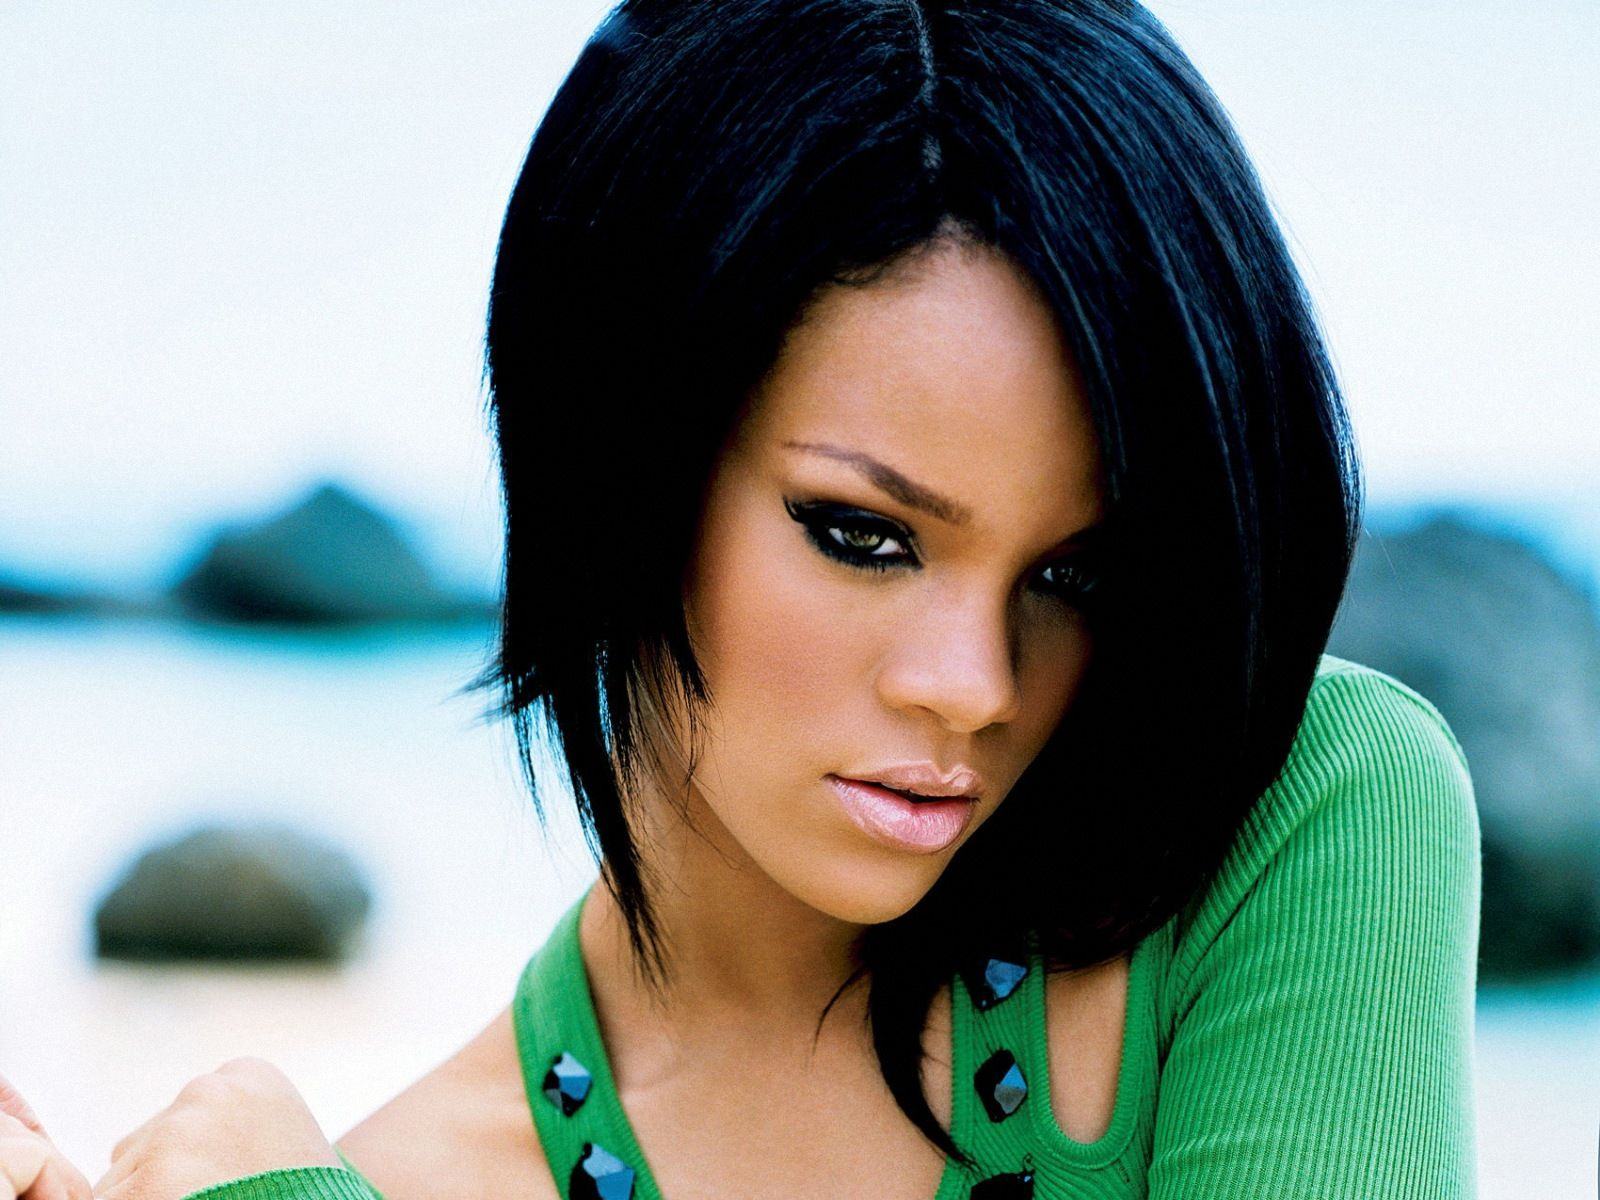 Robyn Rihanna Fenty (born February 20, 1988), known by her